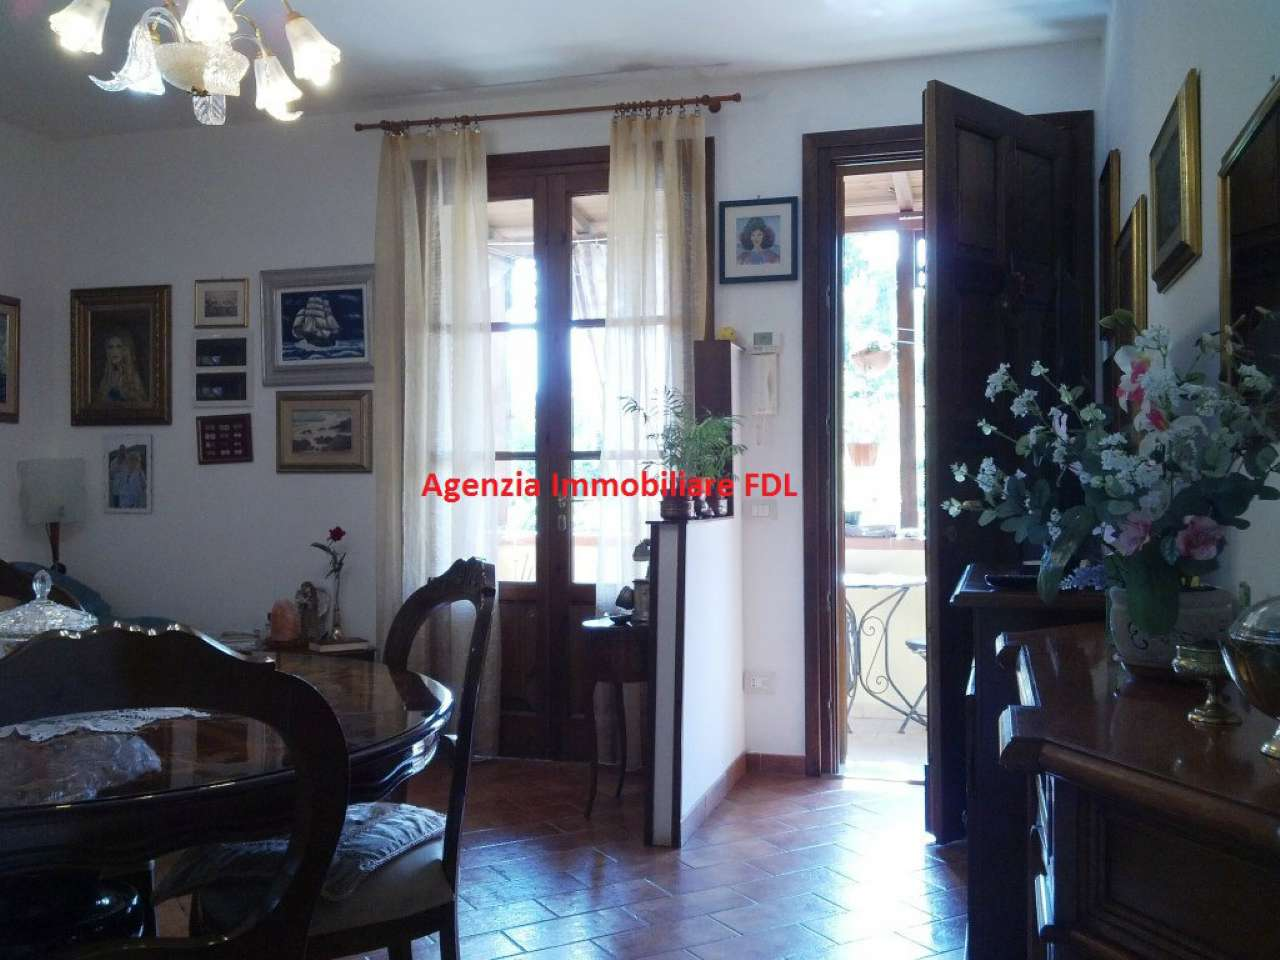 Appartamento in vendita a Casciana Terme Lari, 4 locali, prezzo € 127.000 | PortaleAgenzieImmobiliari.it